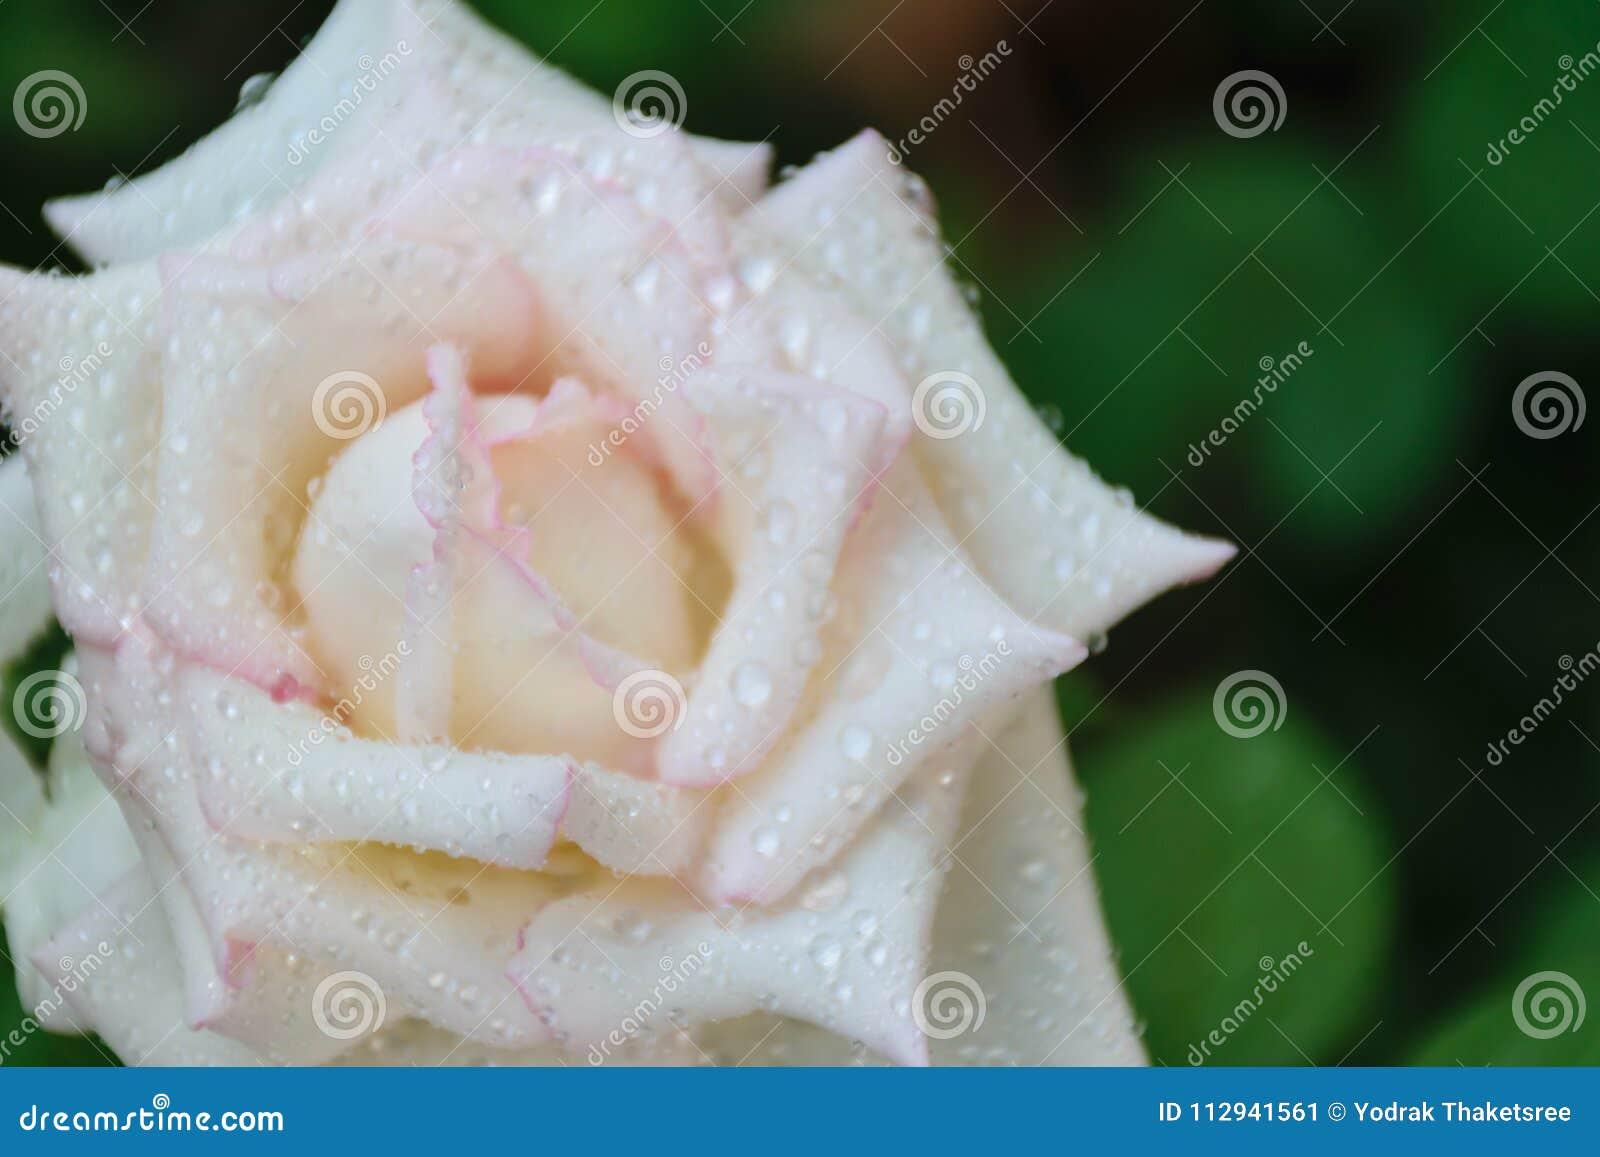 Blooming White Rose Petal Stock Image Image Of Macro 112941561